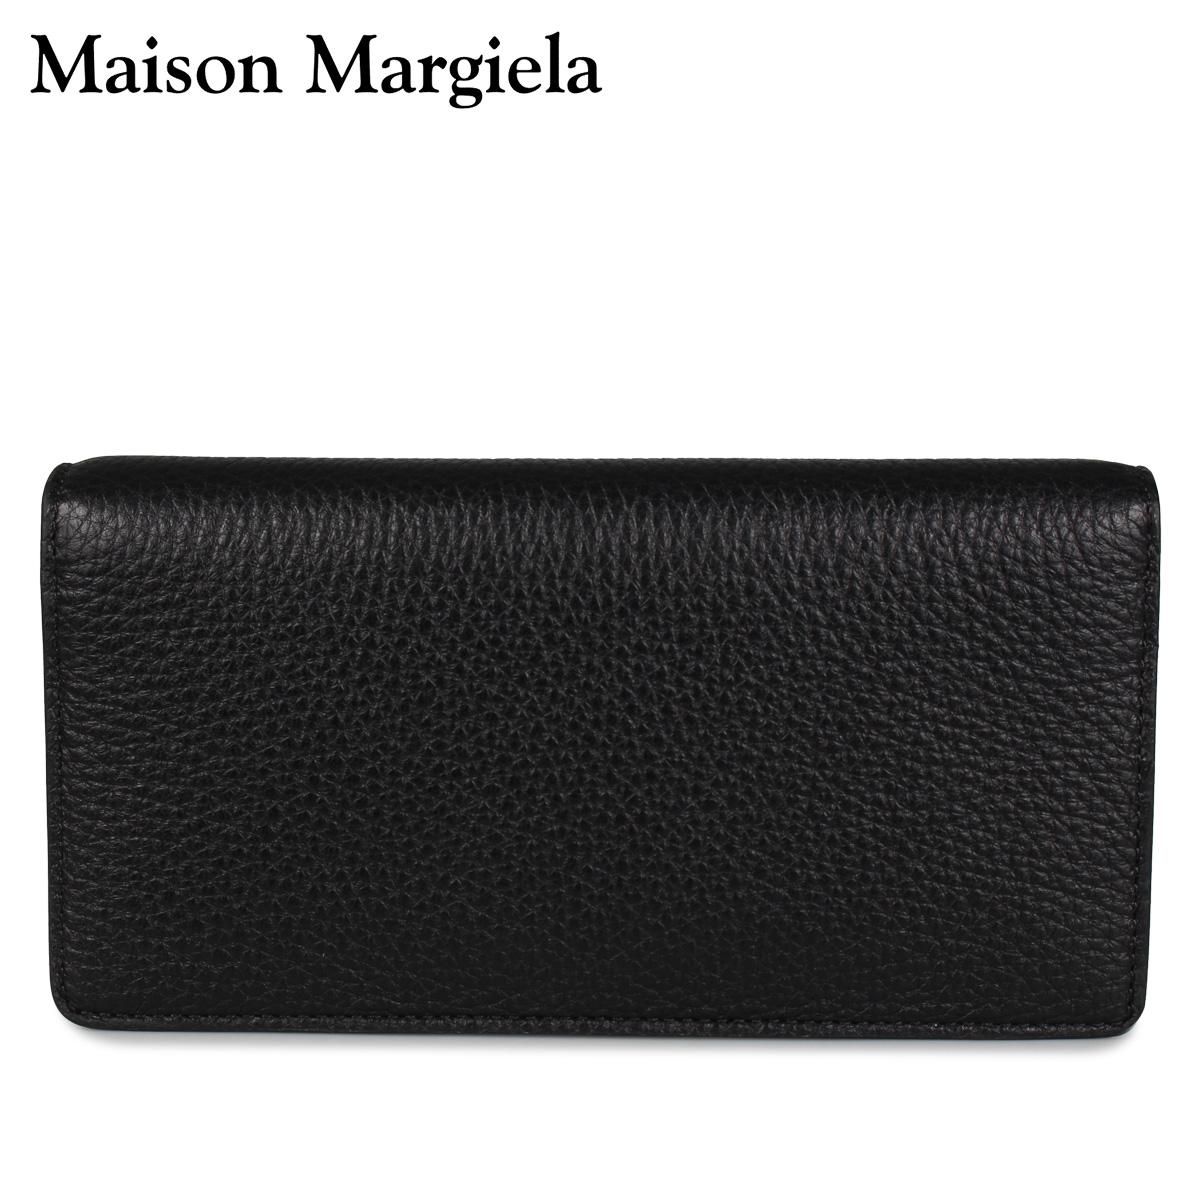 メゾンマルジェラ MAISON MARGIELA 財布 長財布 メンズ レディース LONG WALLET ブラック 黒 S55UI0202